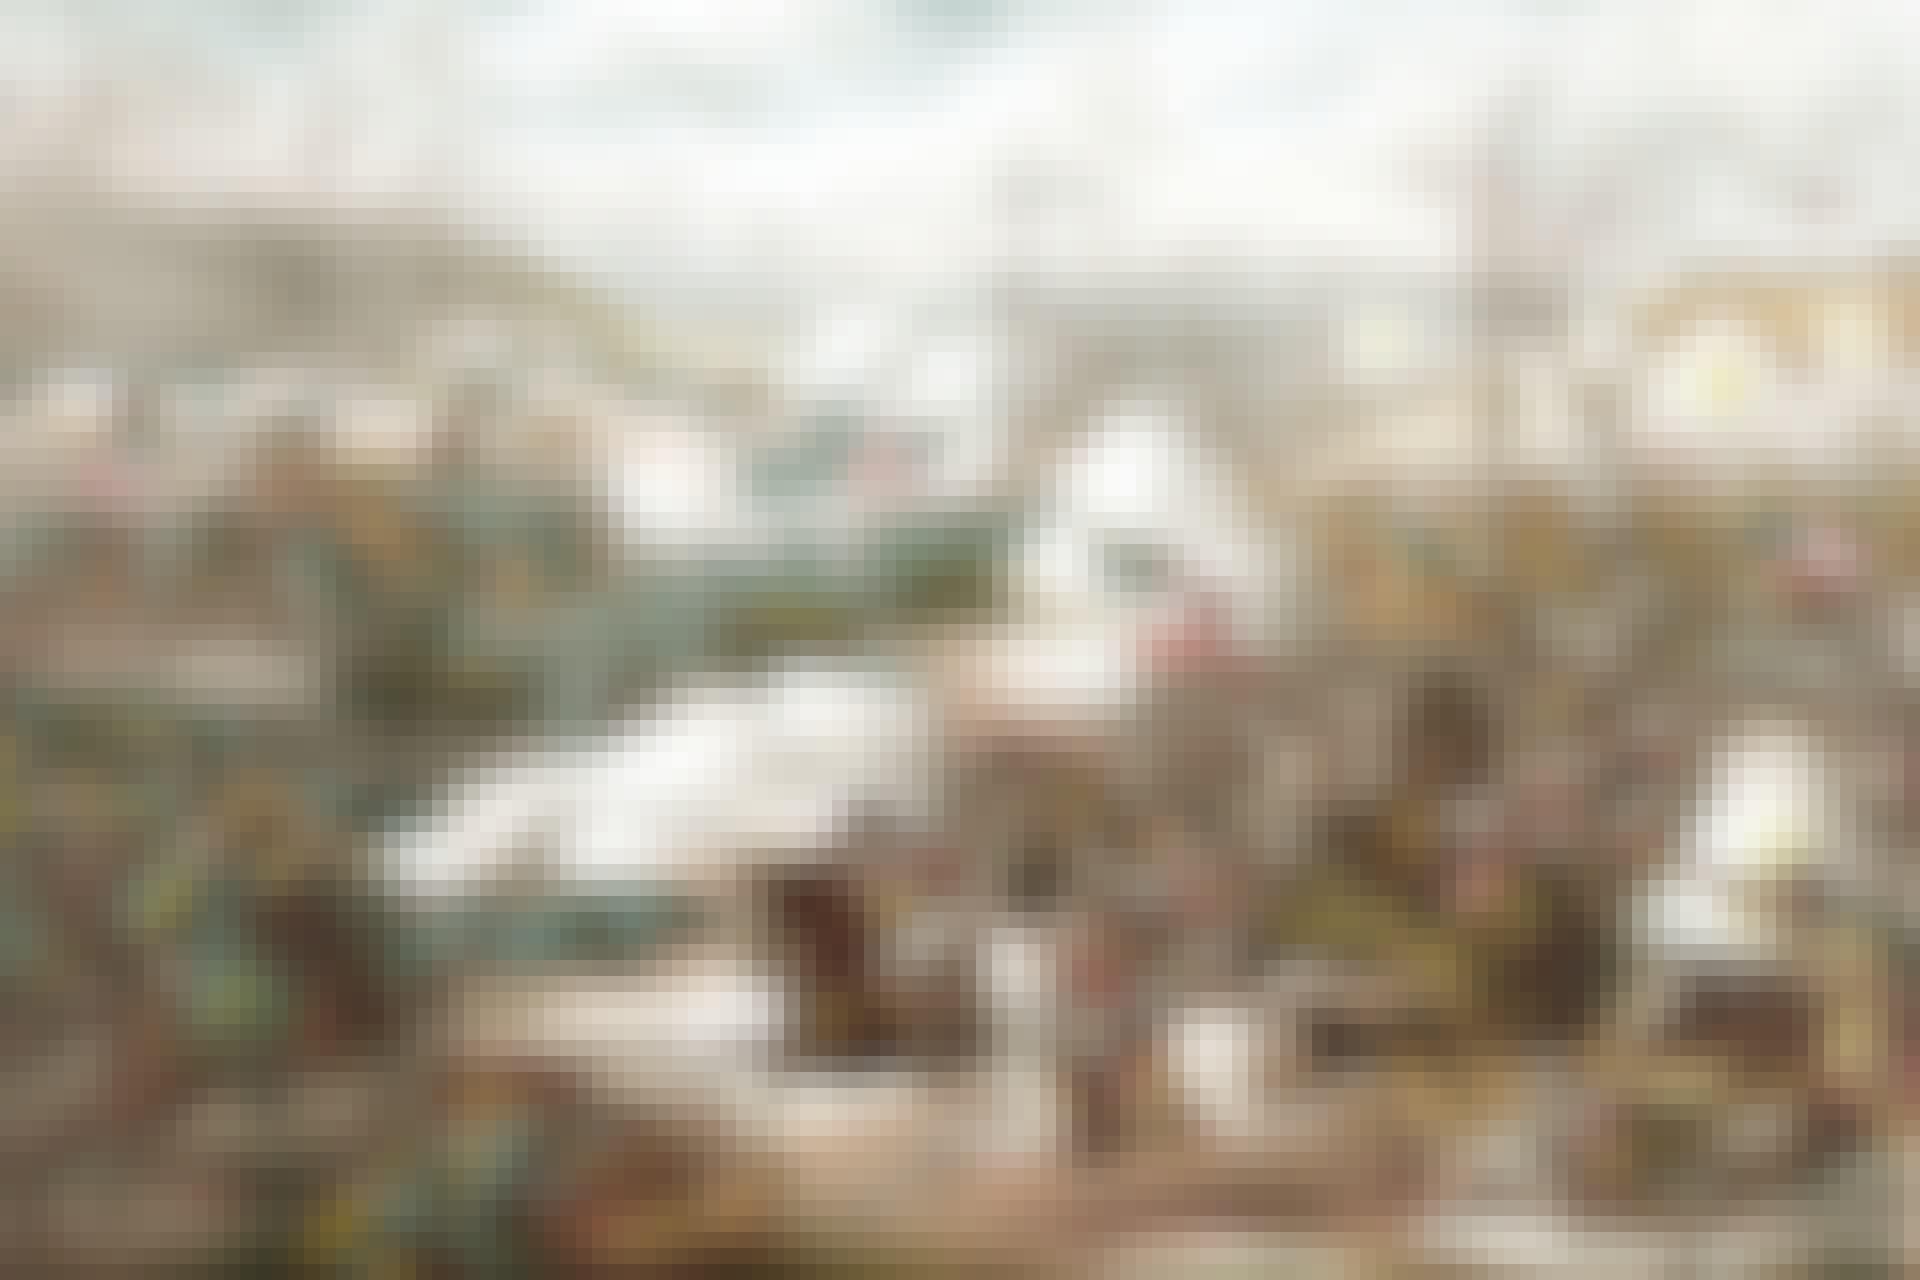 Slaget vid Pea Ridge under amerikanska inbördeskriget. Stridsscen med cherokeser i förgrunden.